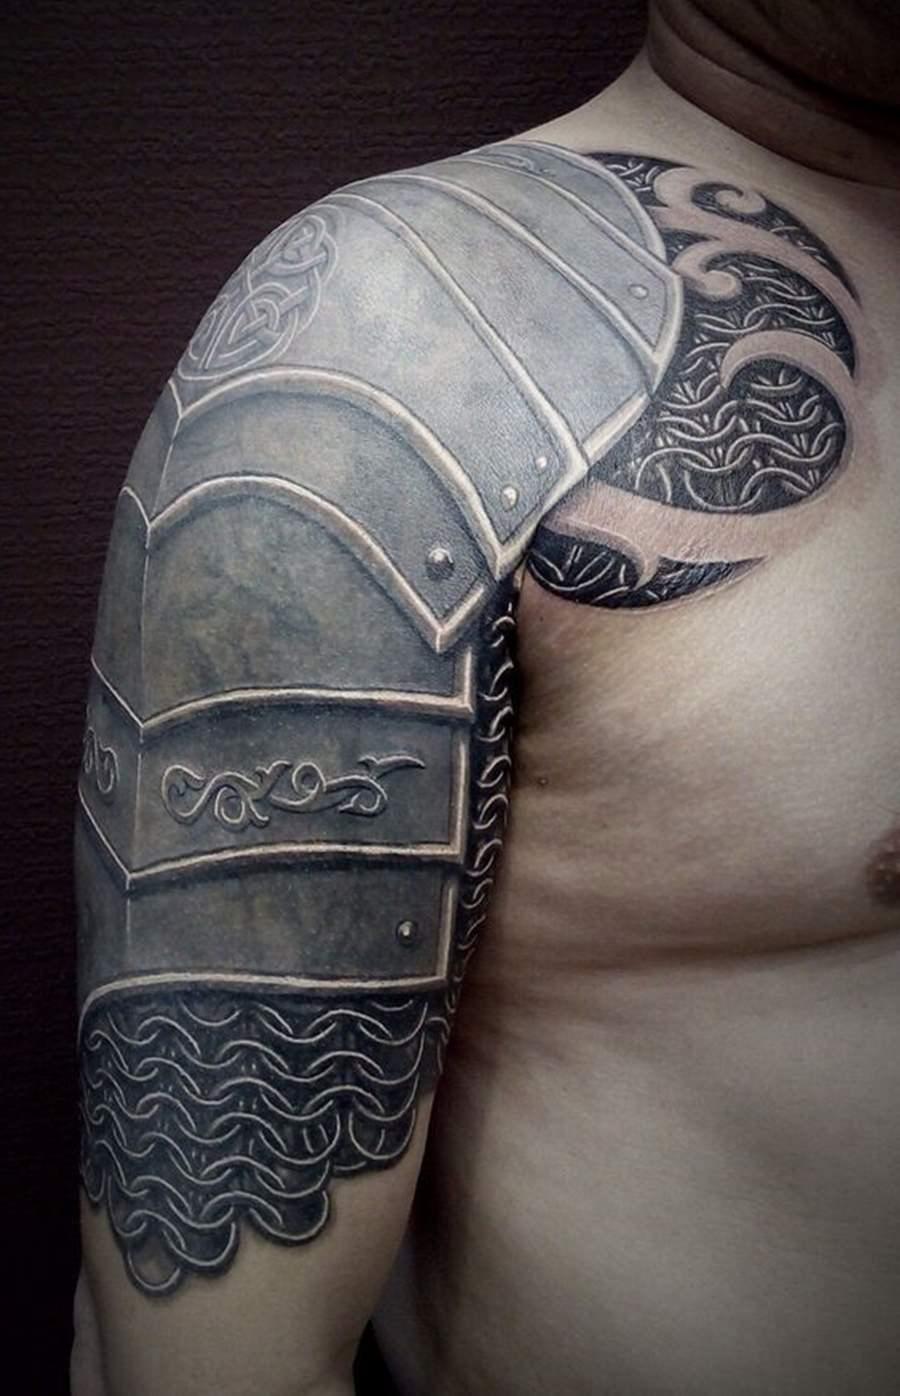 Tatuagens de armadura no braço e ombro